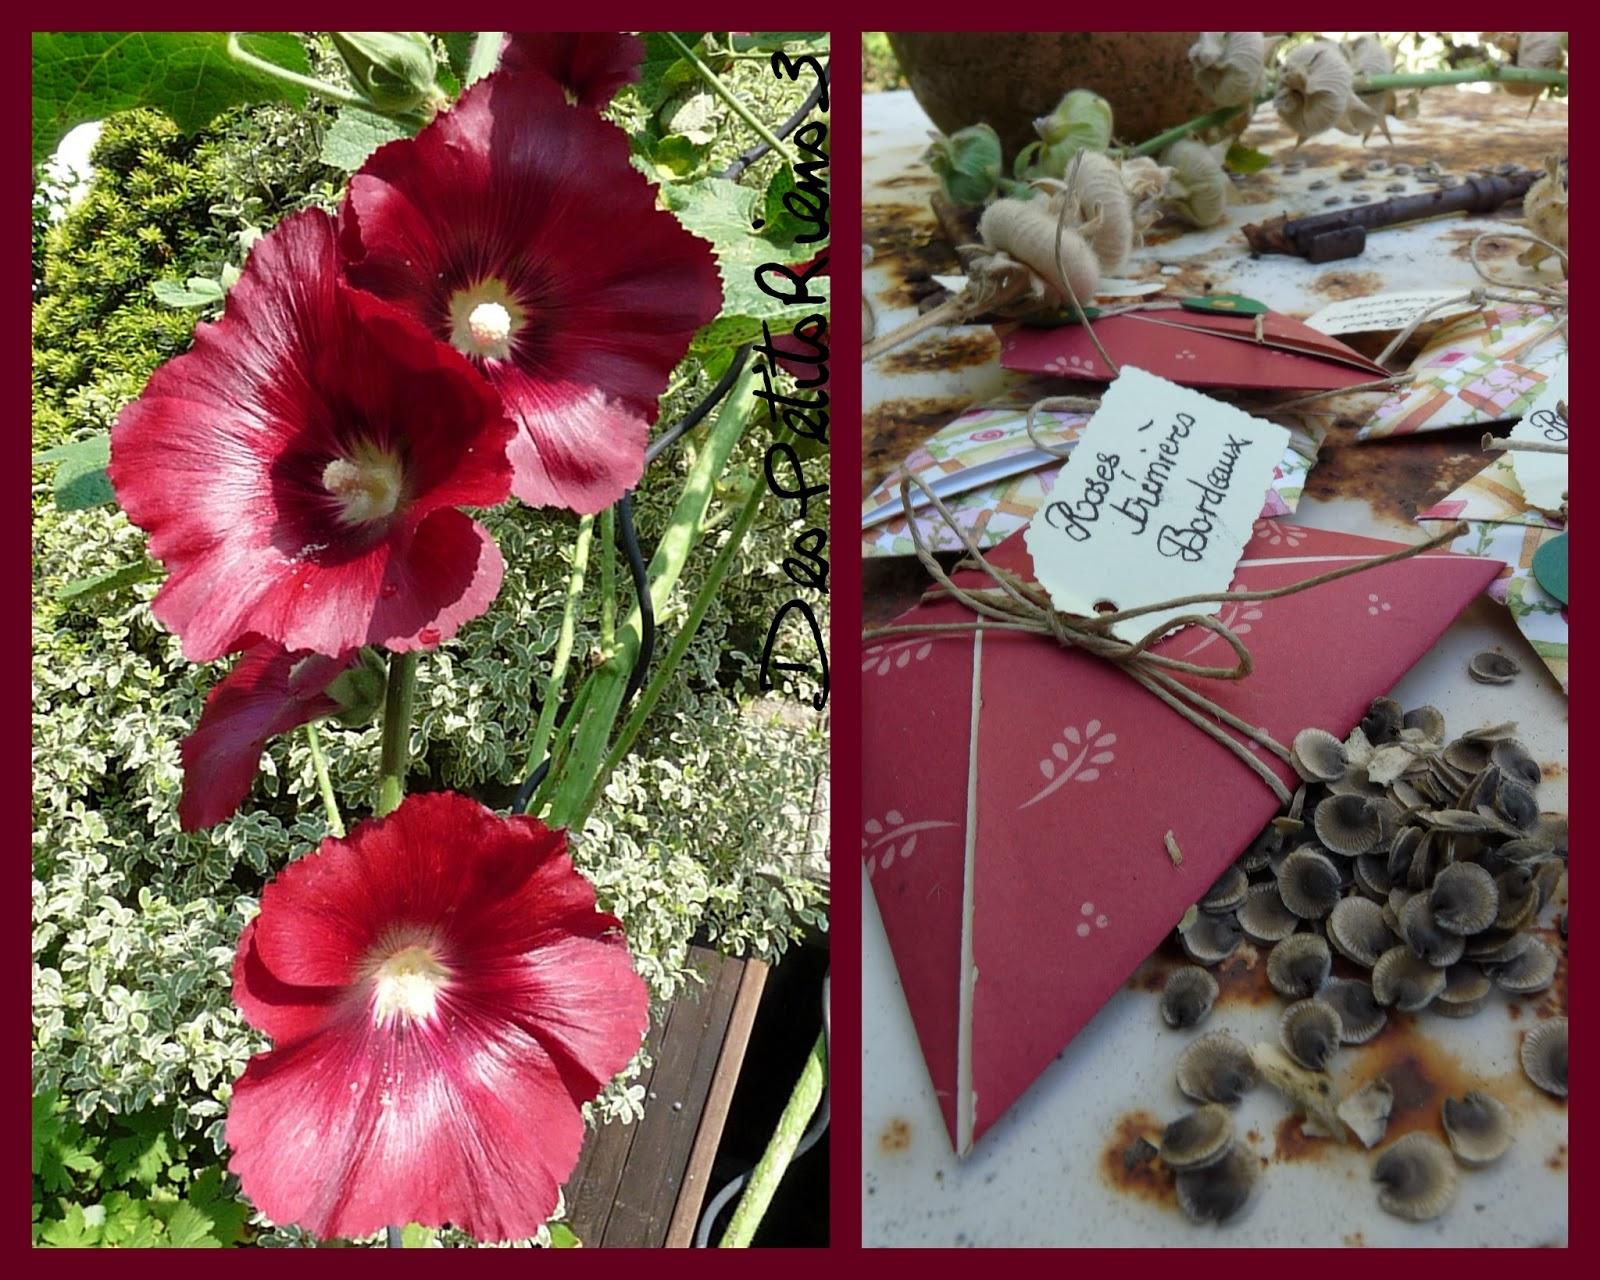 Despetitsriens3 partager les graines - Semer roses tremieres septembre ...